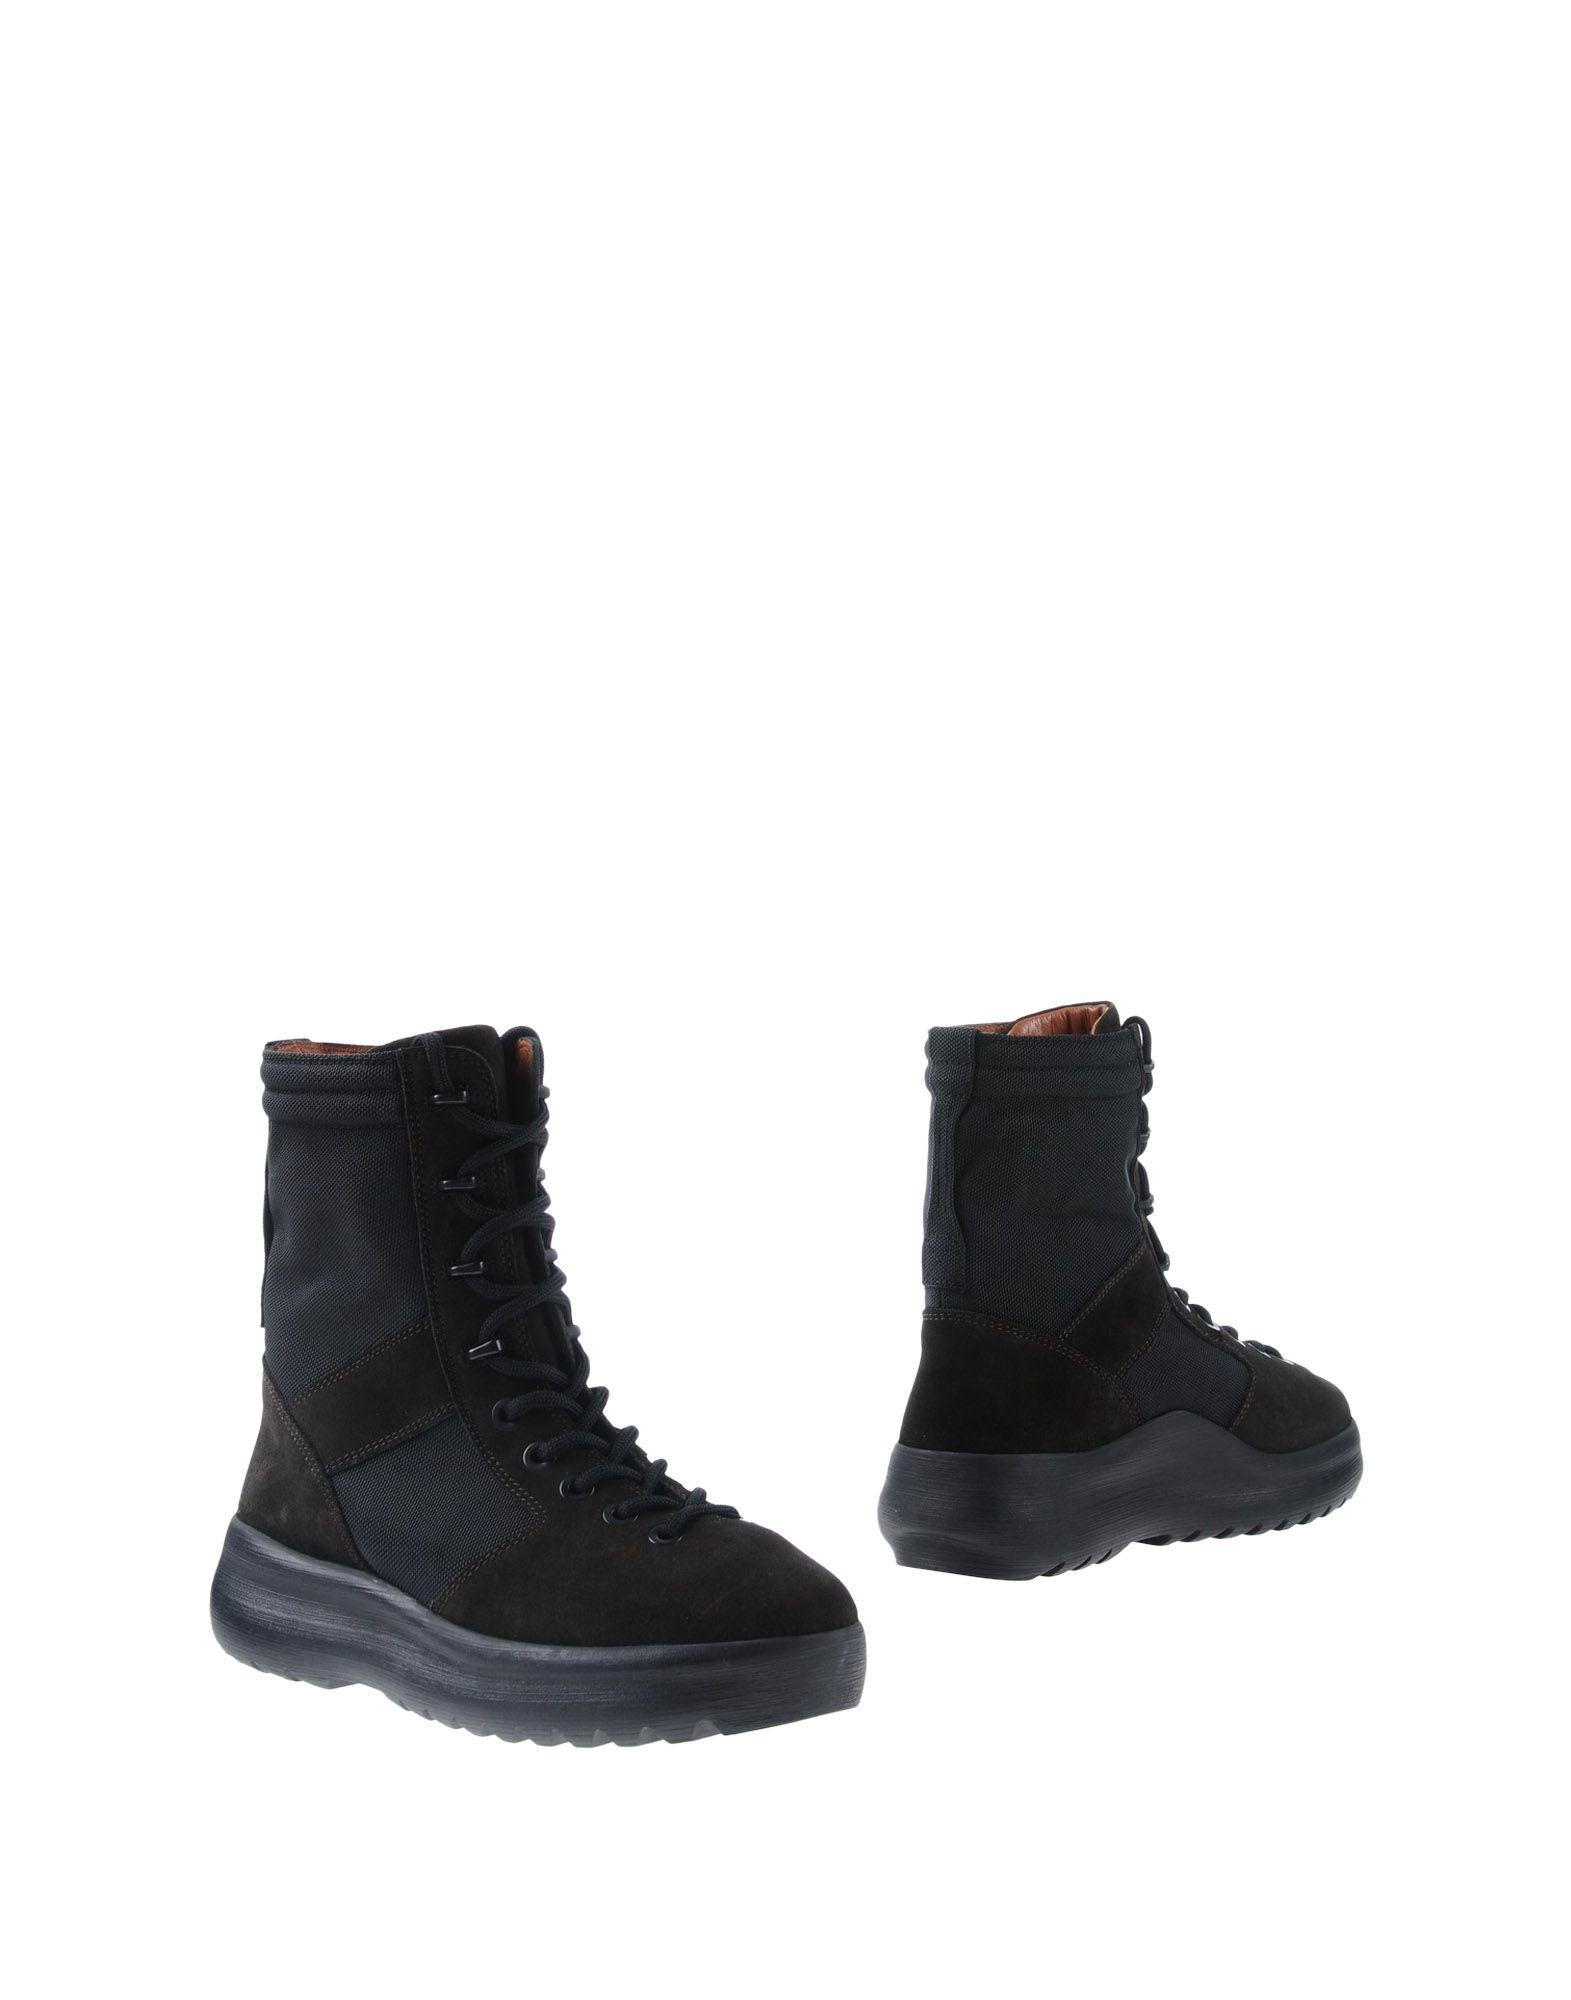 Yeezy Boots - Men Yeezy Yeezy Yeezy Boots online on  Canada - 11337283MQ afe8d4